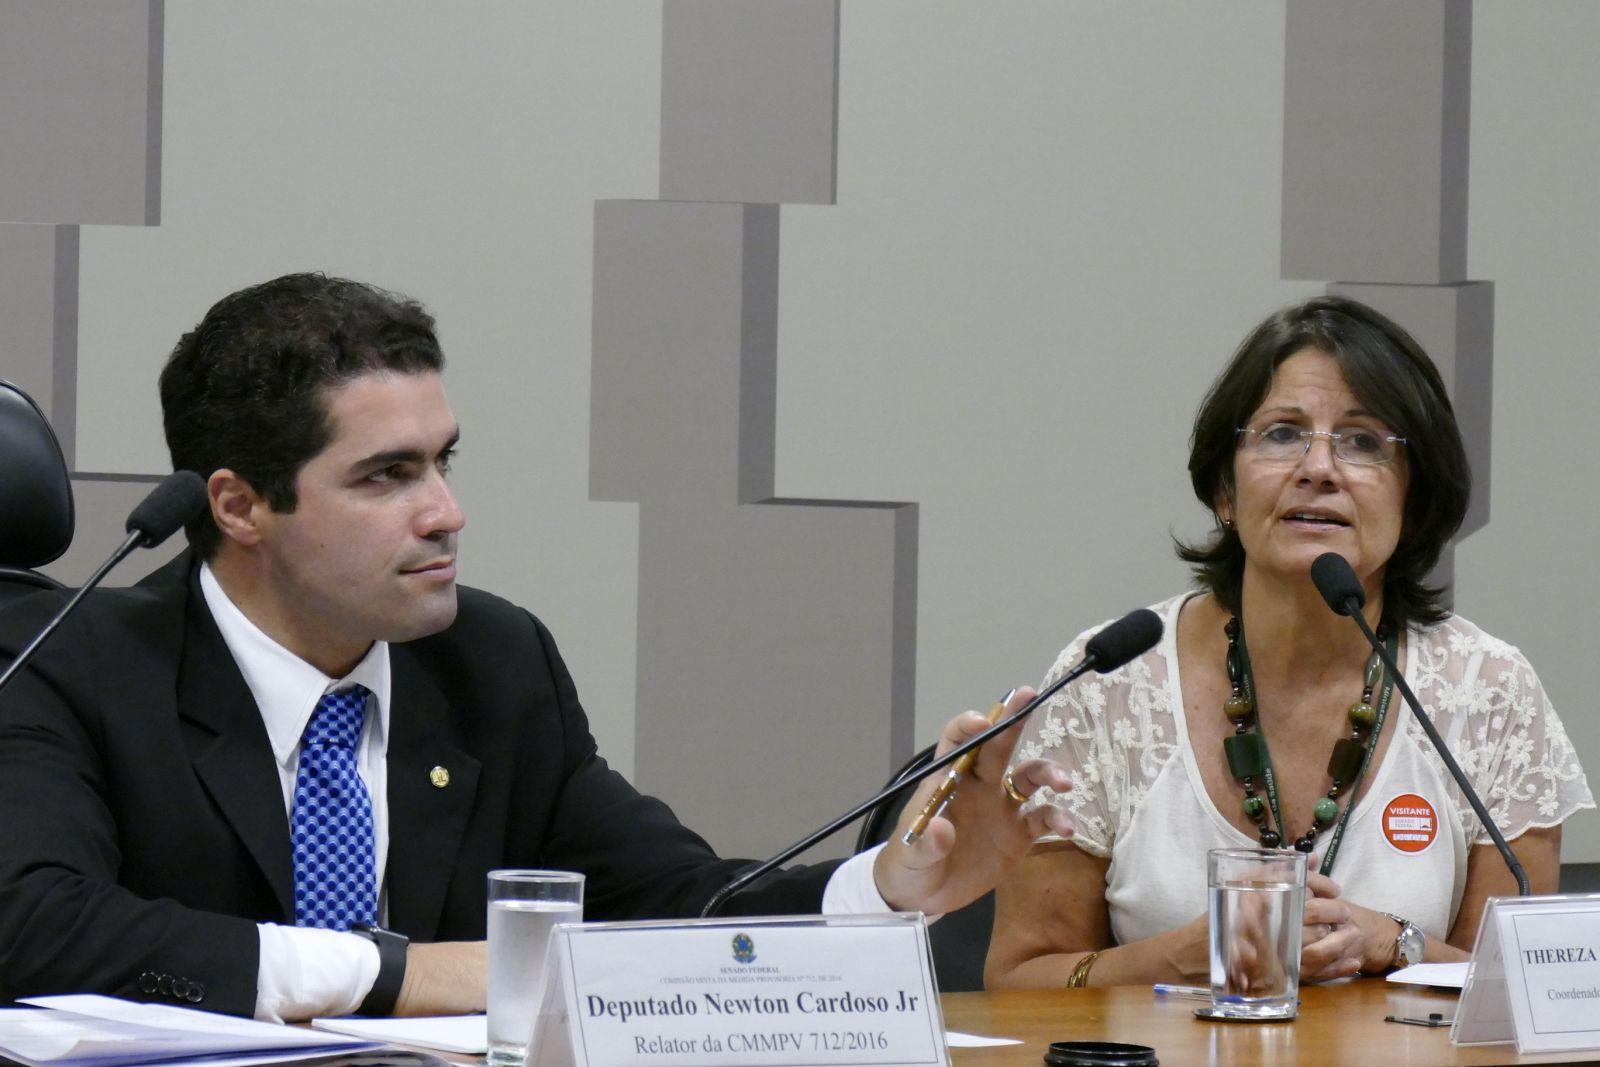 Caderneta de saúde é retiradas das escolas por Bolsonaro por achar inconvenientes ver mais...